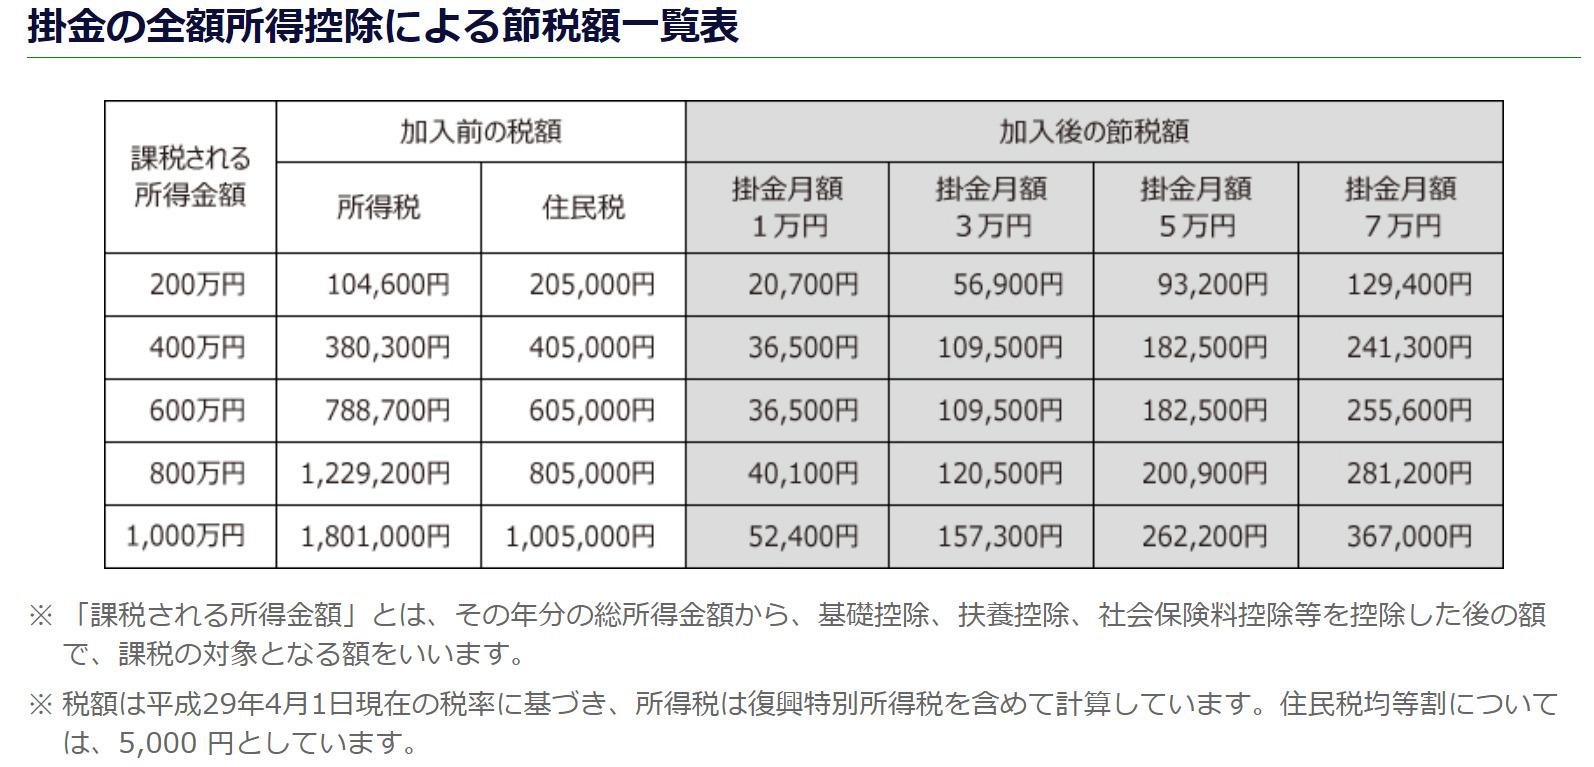 小規模企業共済による節税額の表